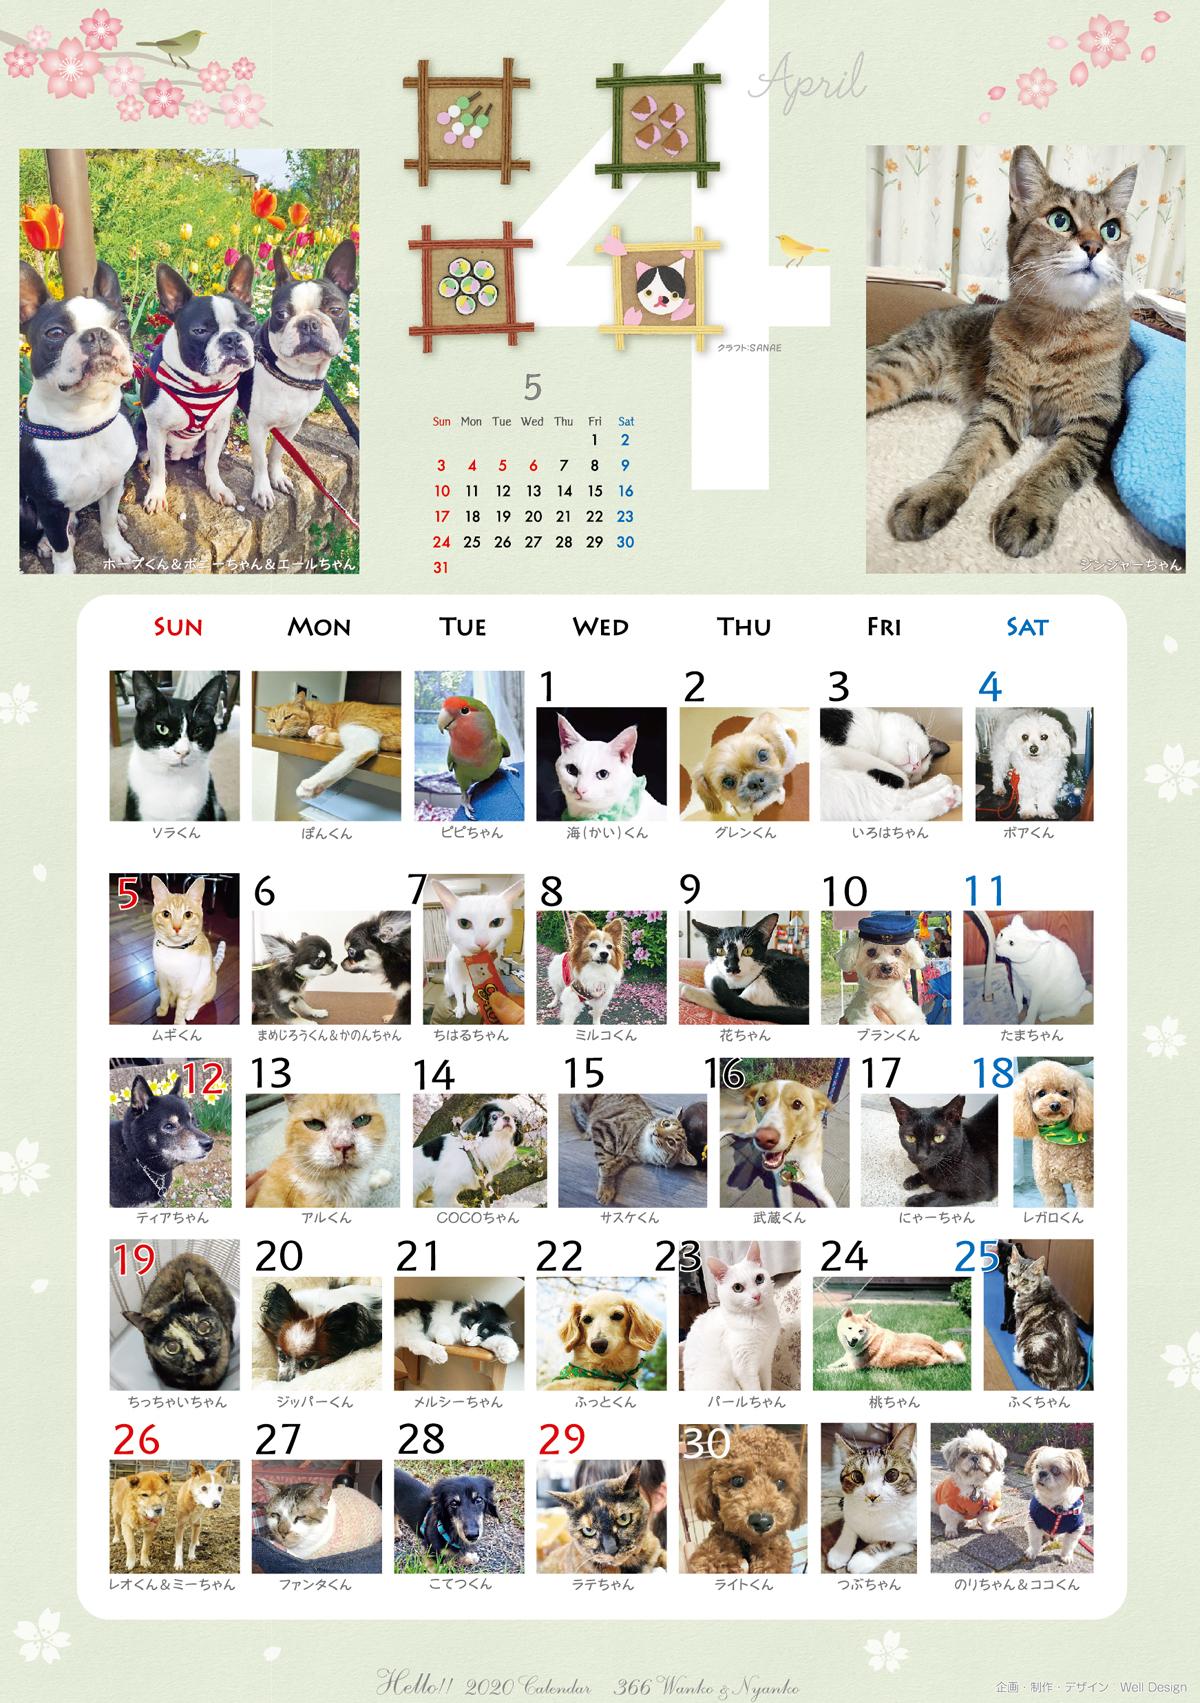 2020_366wankonyanko_calendarh4-sa.jpg